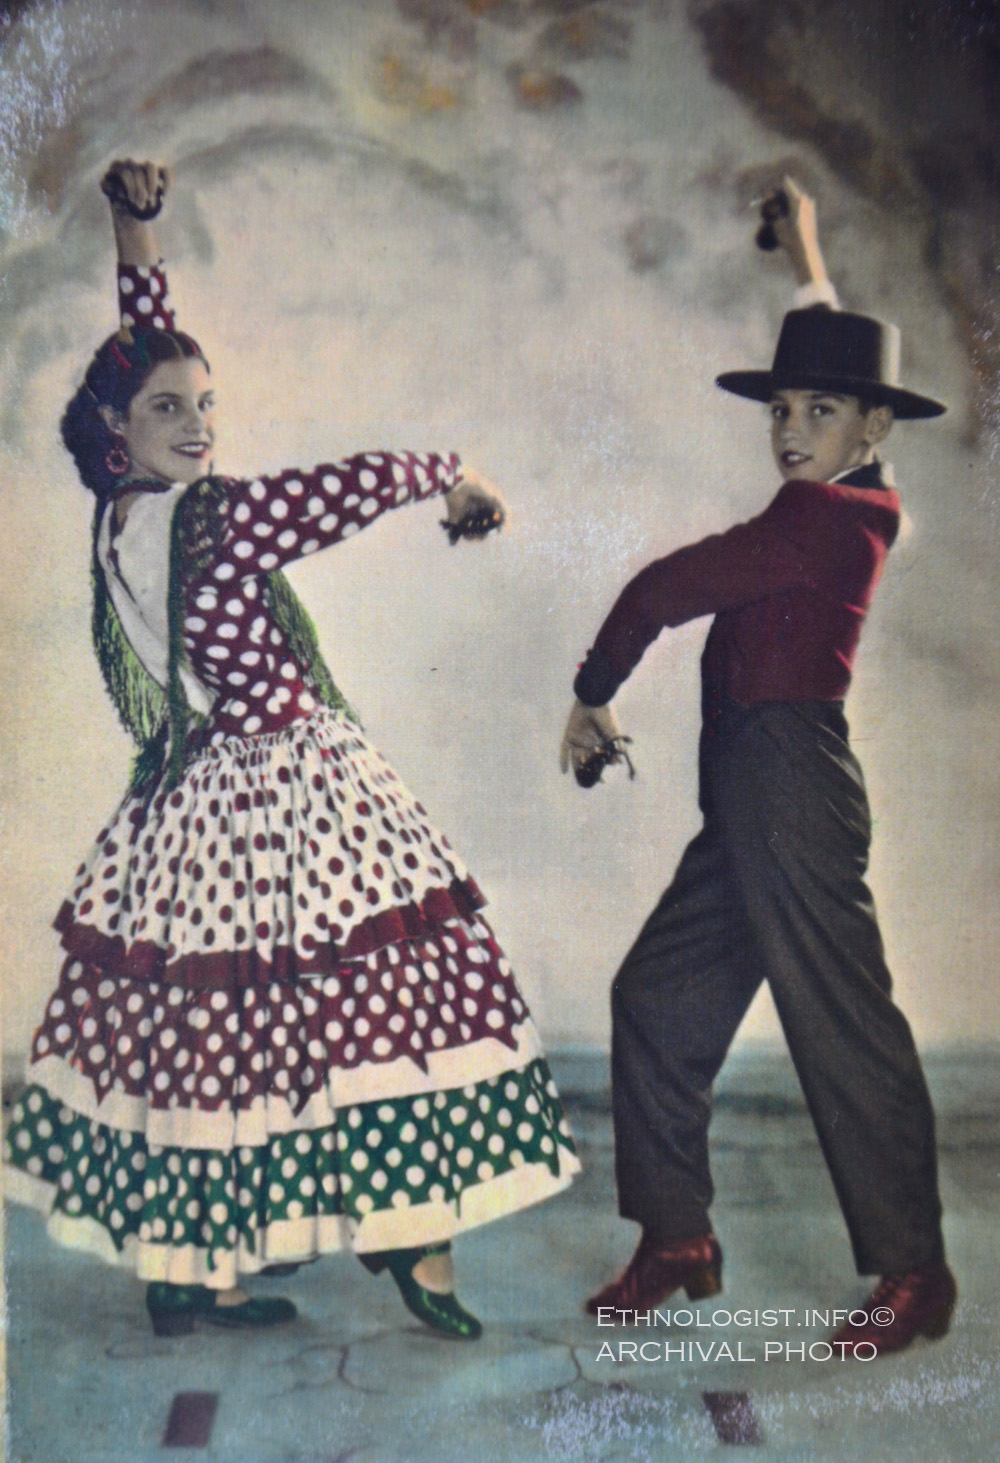 Děti narozené v Uruguayi italsko-španělským imigrantům. Archivní fotografie: ethnologist.info